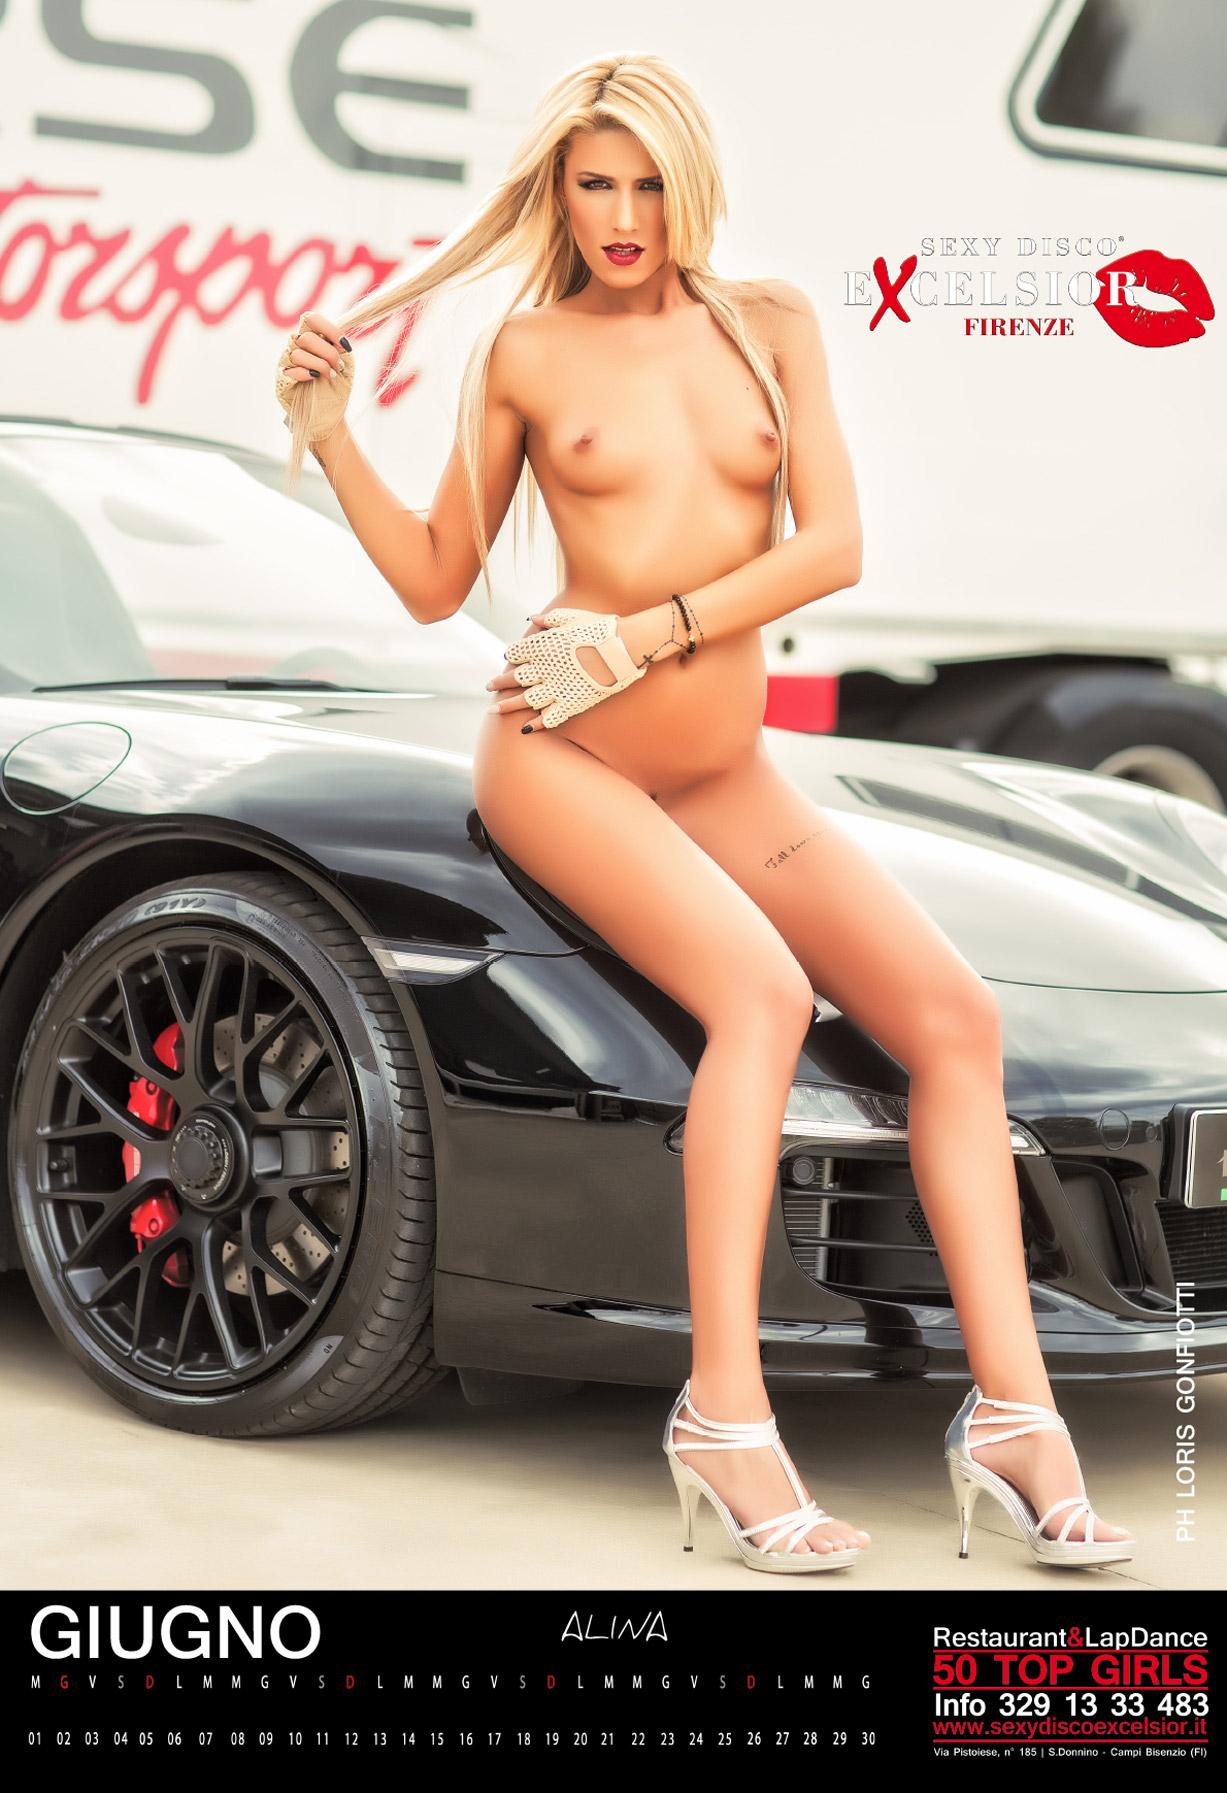 эротический календарь ночного клуба Sexy Disco Excelsior 2016 calendar - Alina